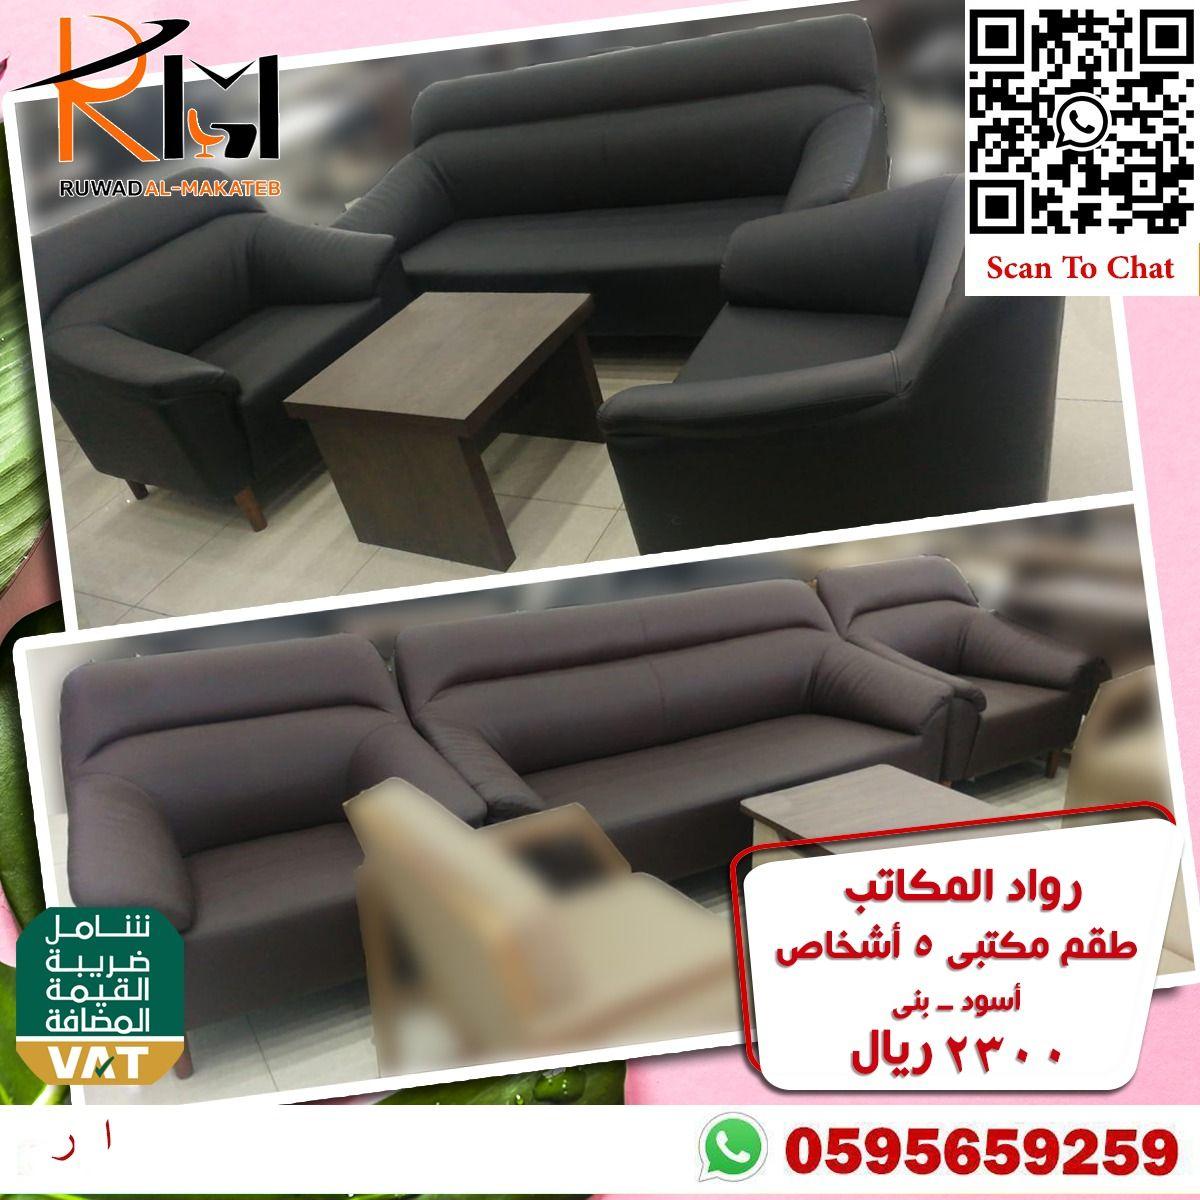 كنب مكتبي ٥ اشخاص In 2021 Sectional Couch Couch Sectional